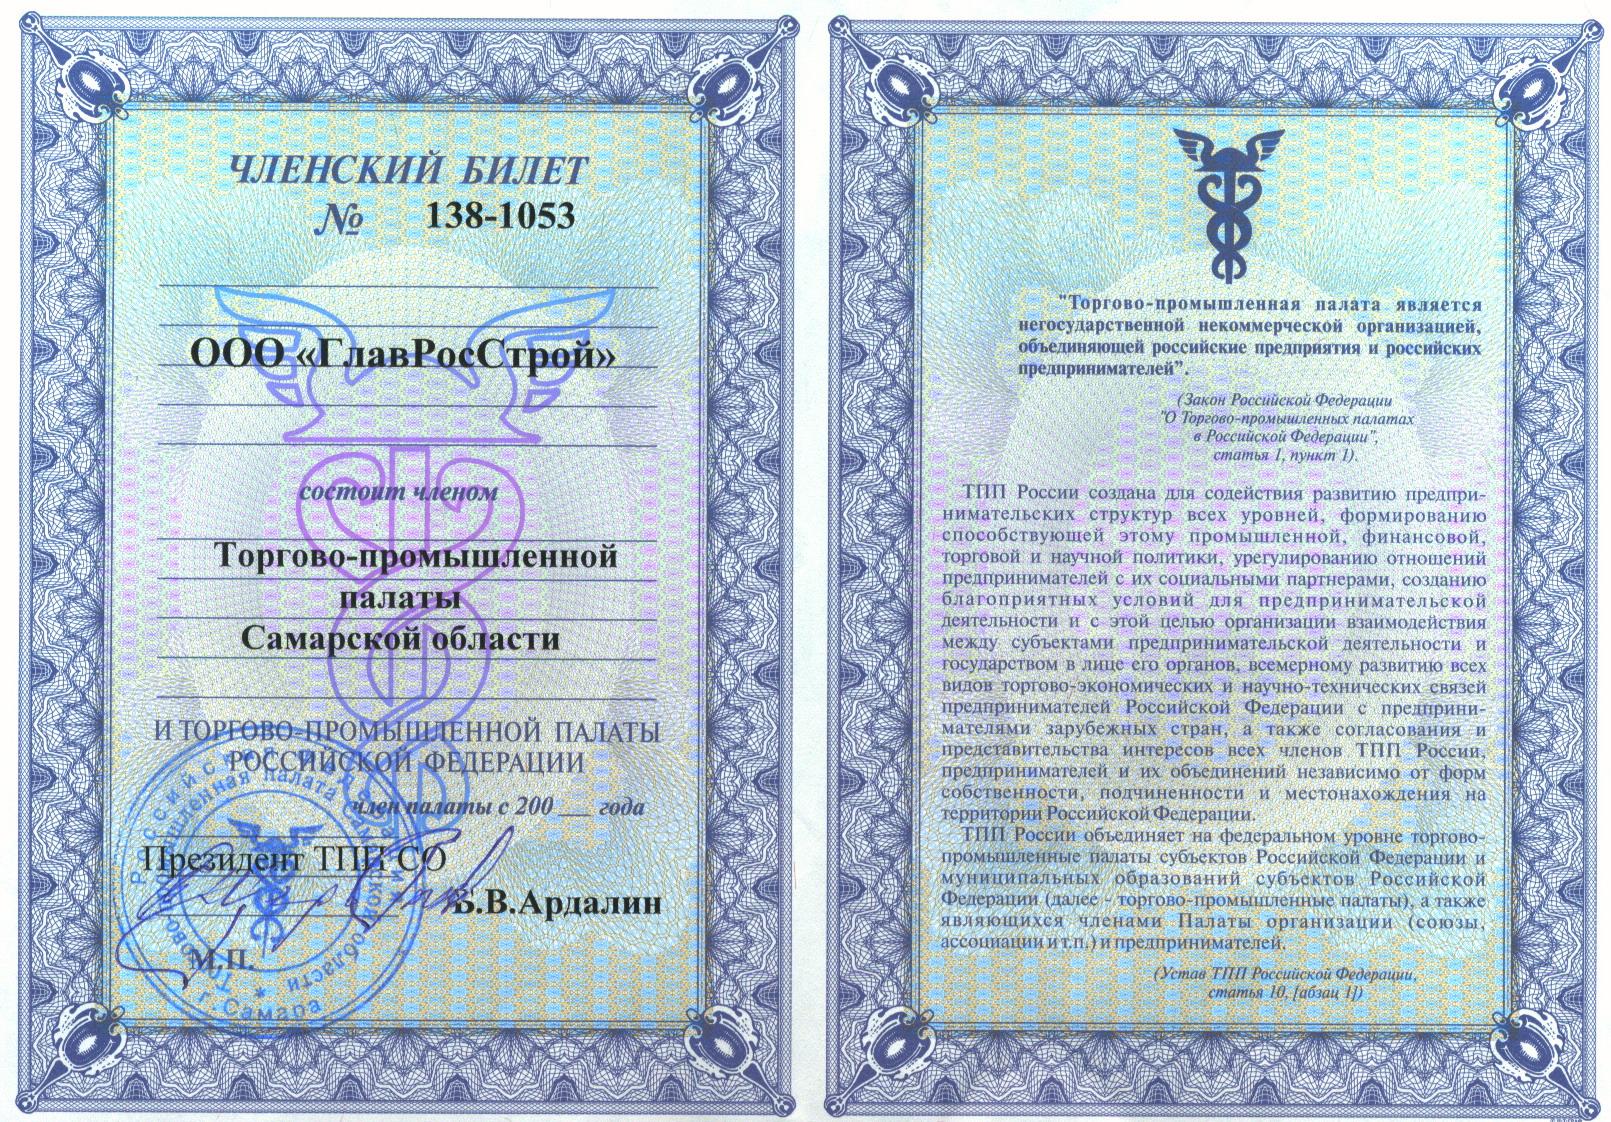 ГРС Торг.пром.палата членск.билет